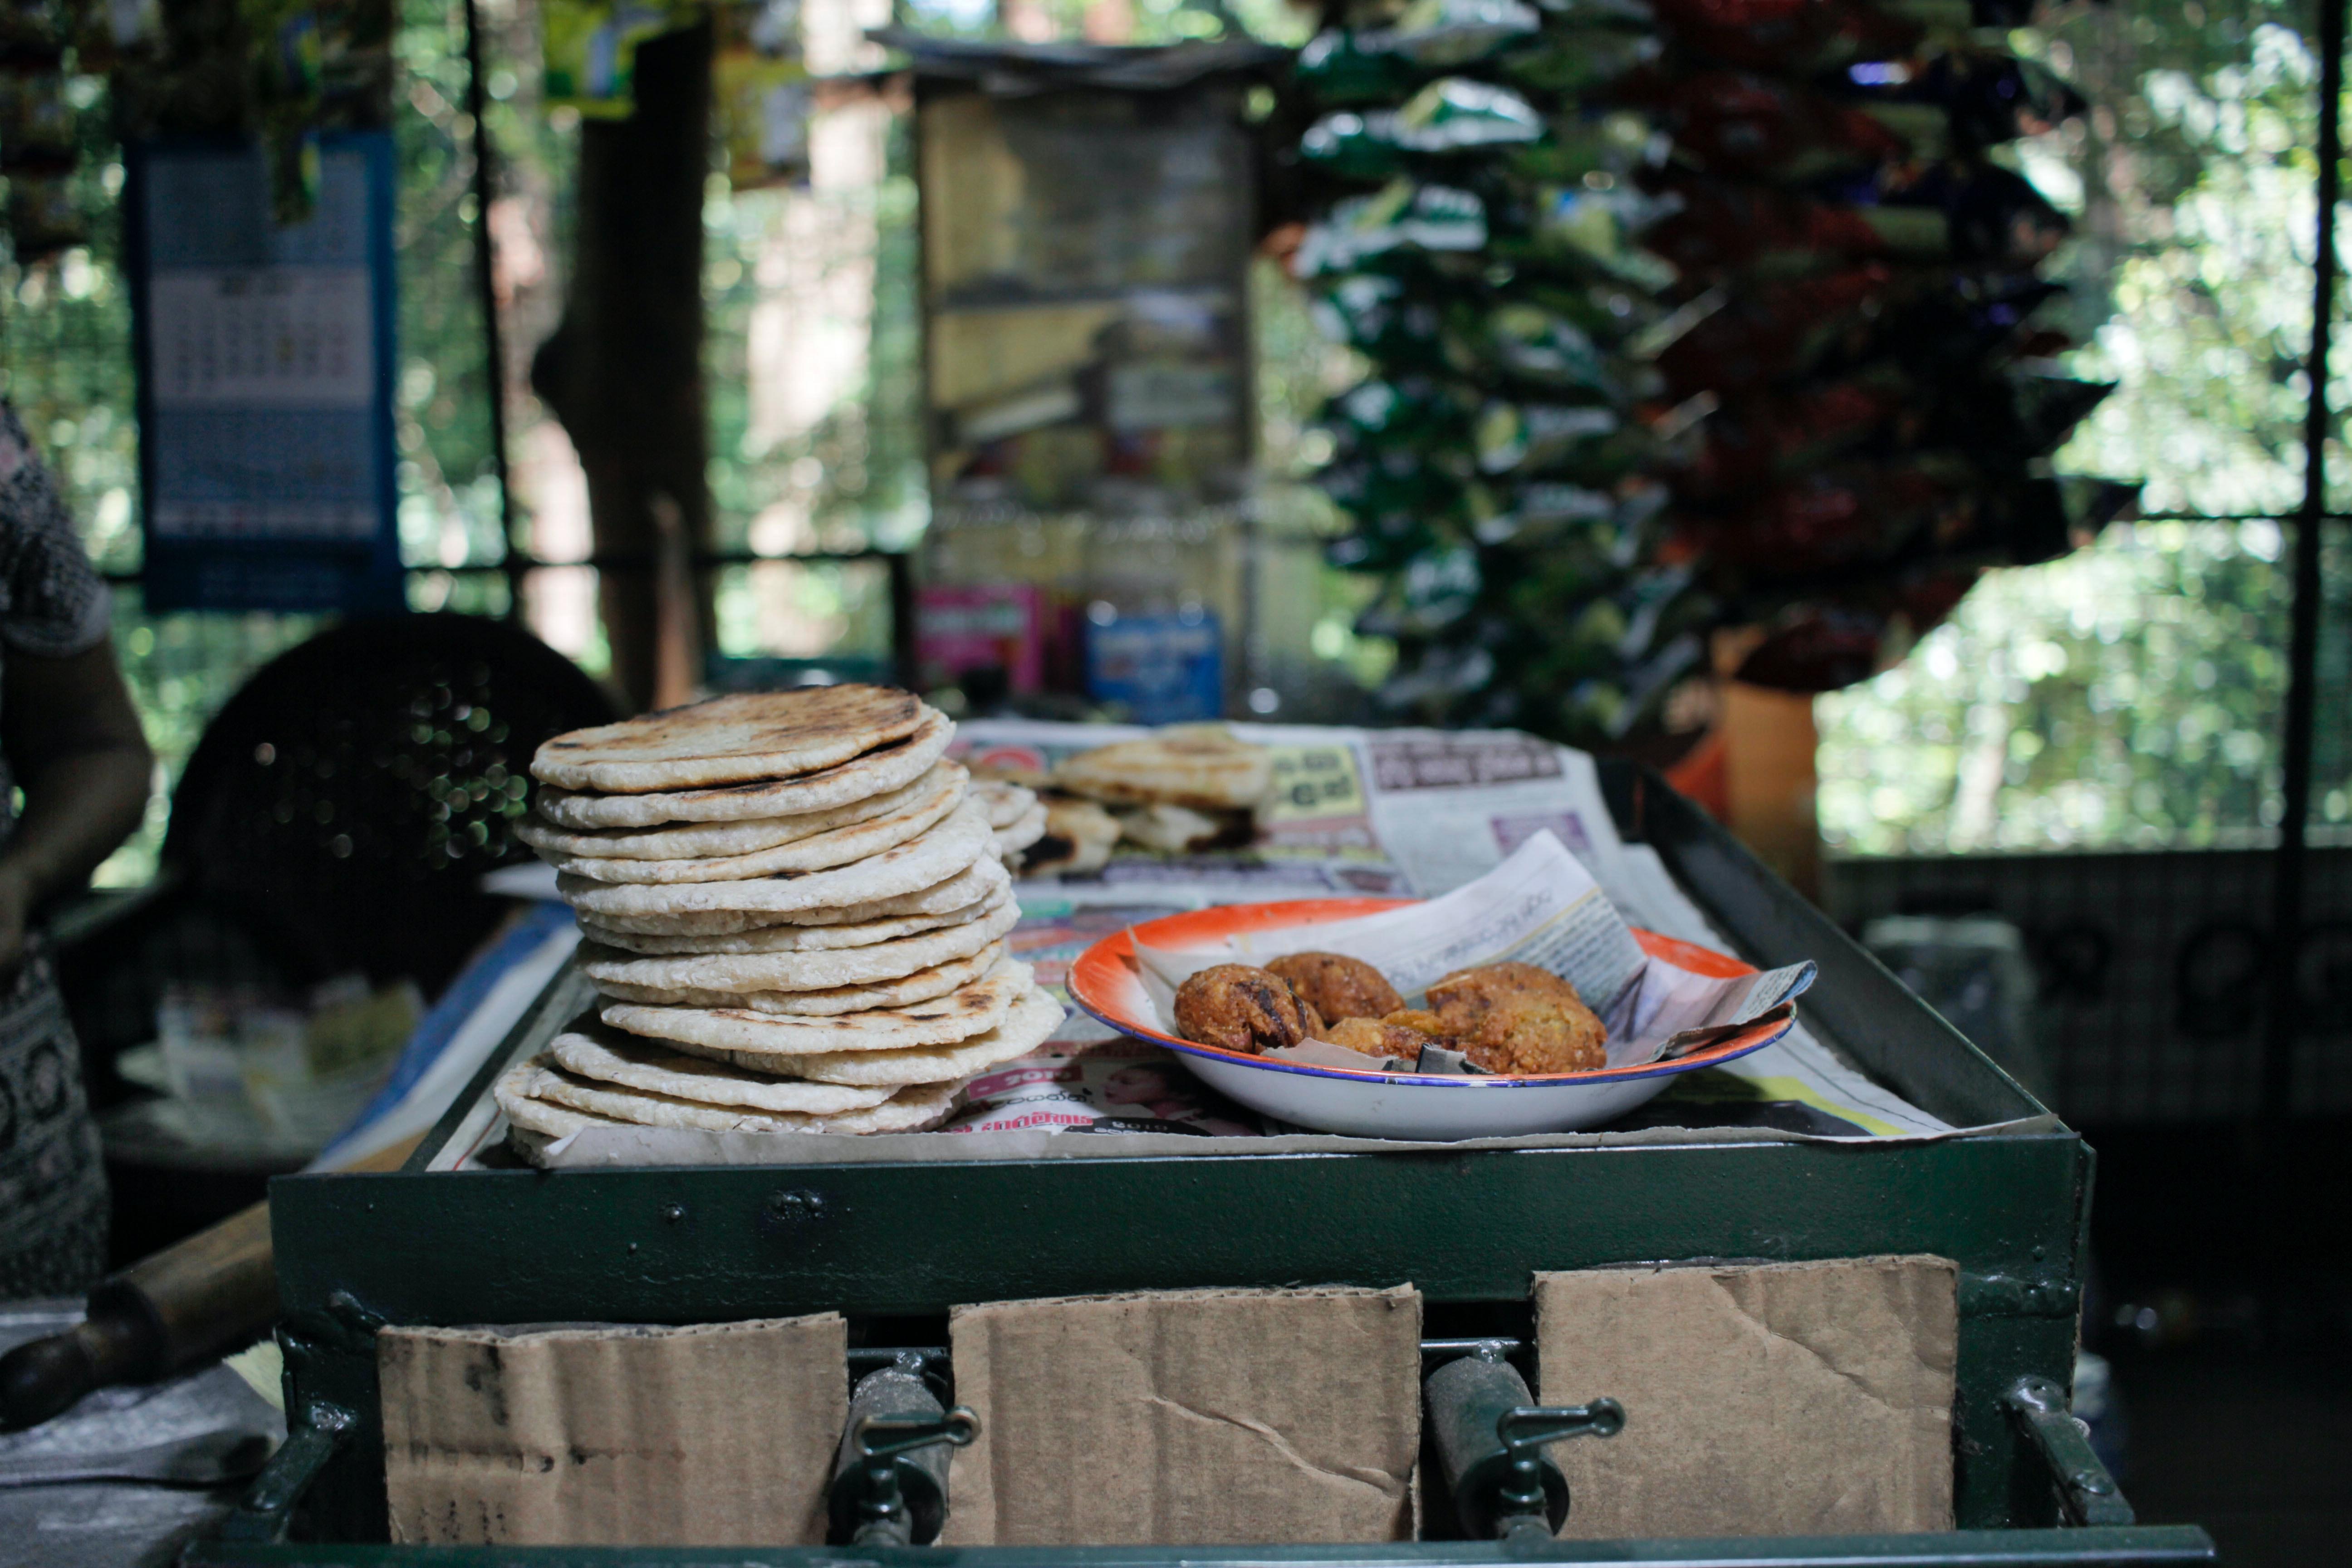 Food in a road side shop in Sri Lanka